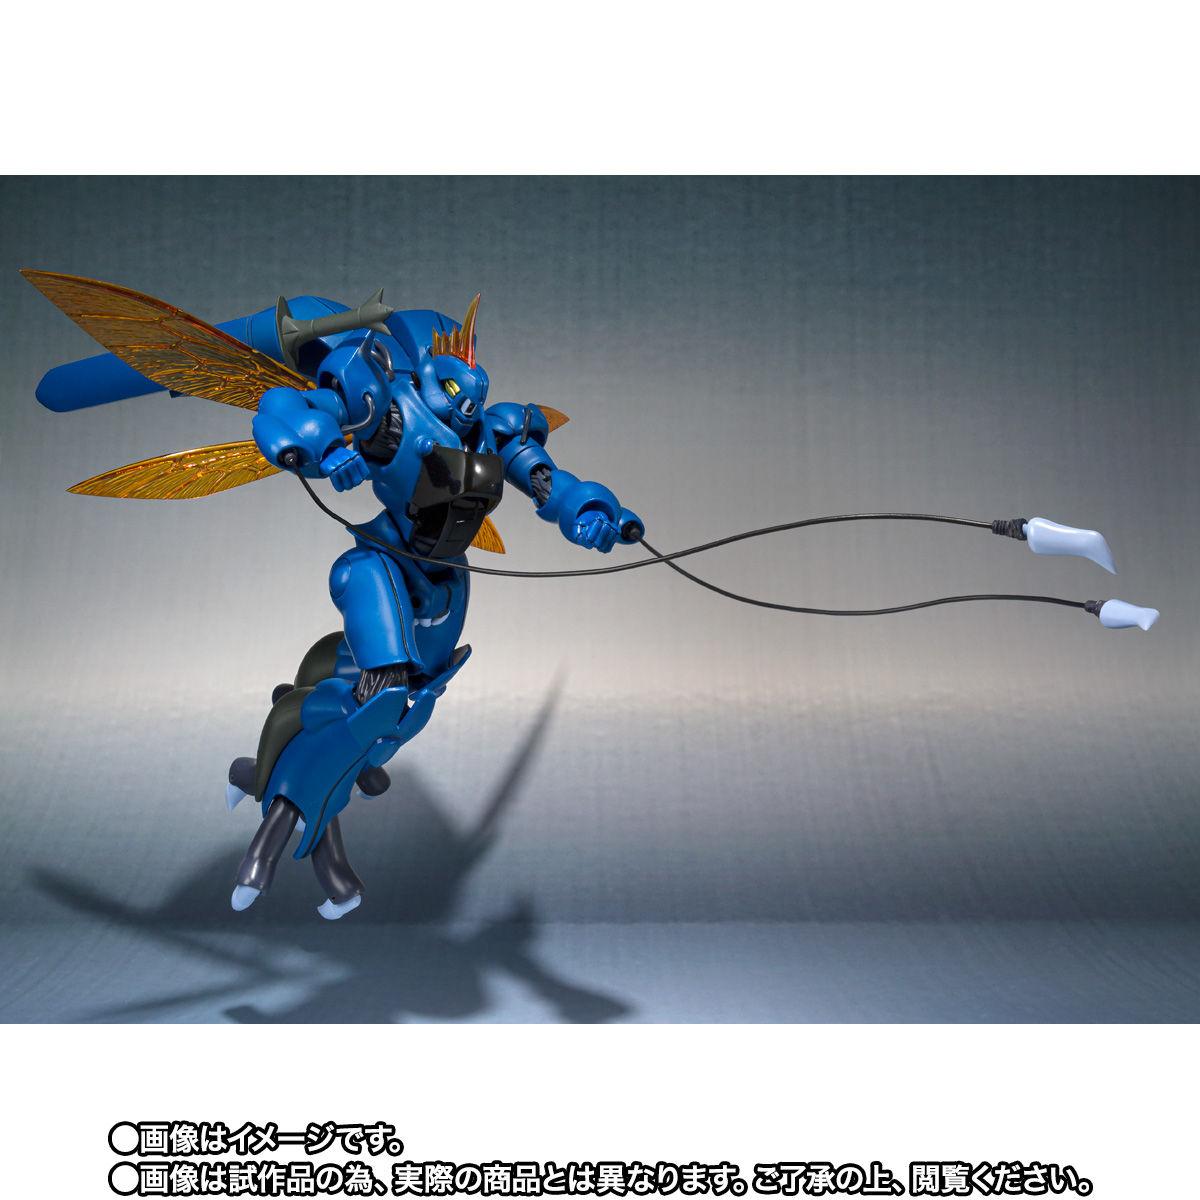 【限定販売】ROBOT魂〈SIDE AB〉『ビランビー & ユニコン・ウー セット』可動フィギュア-008